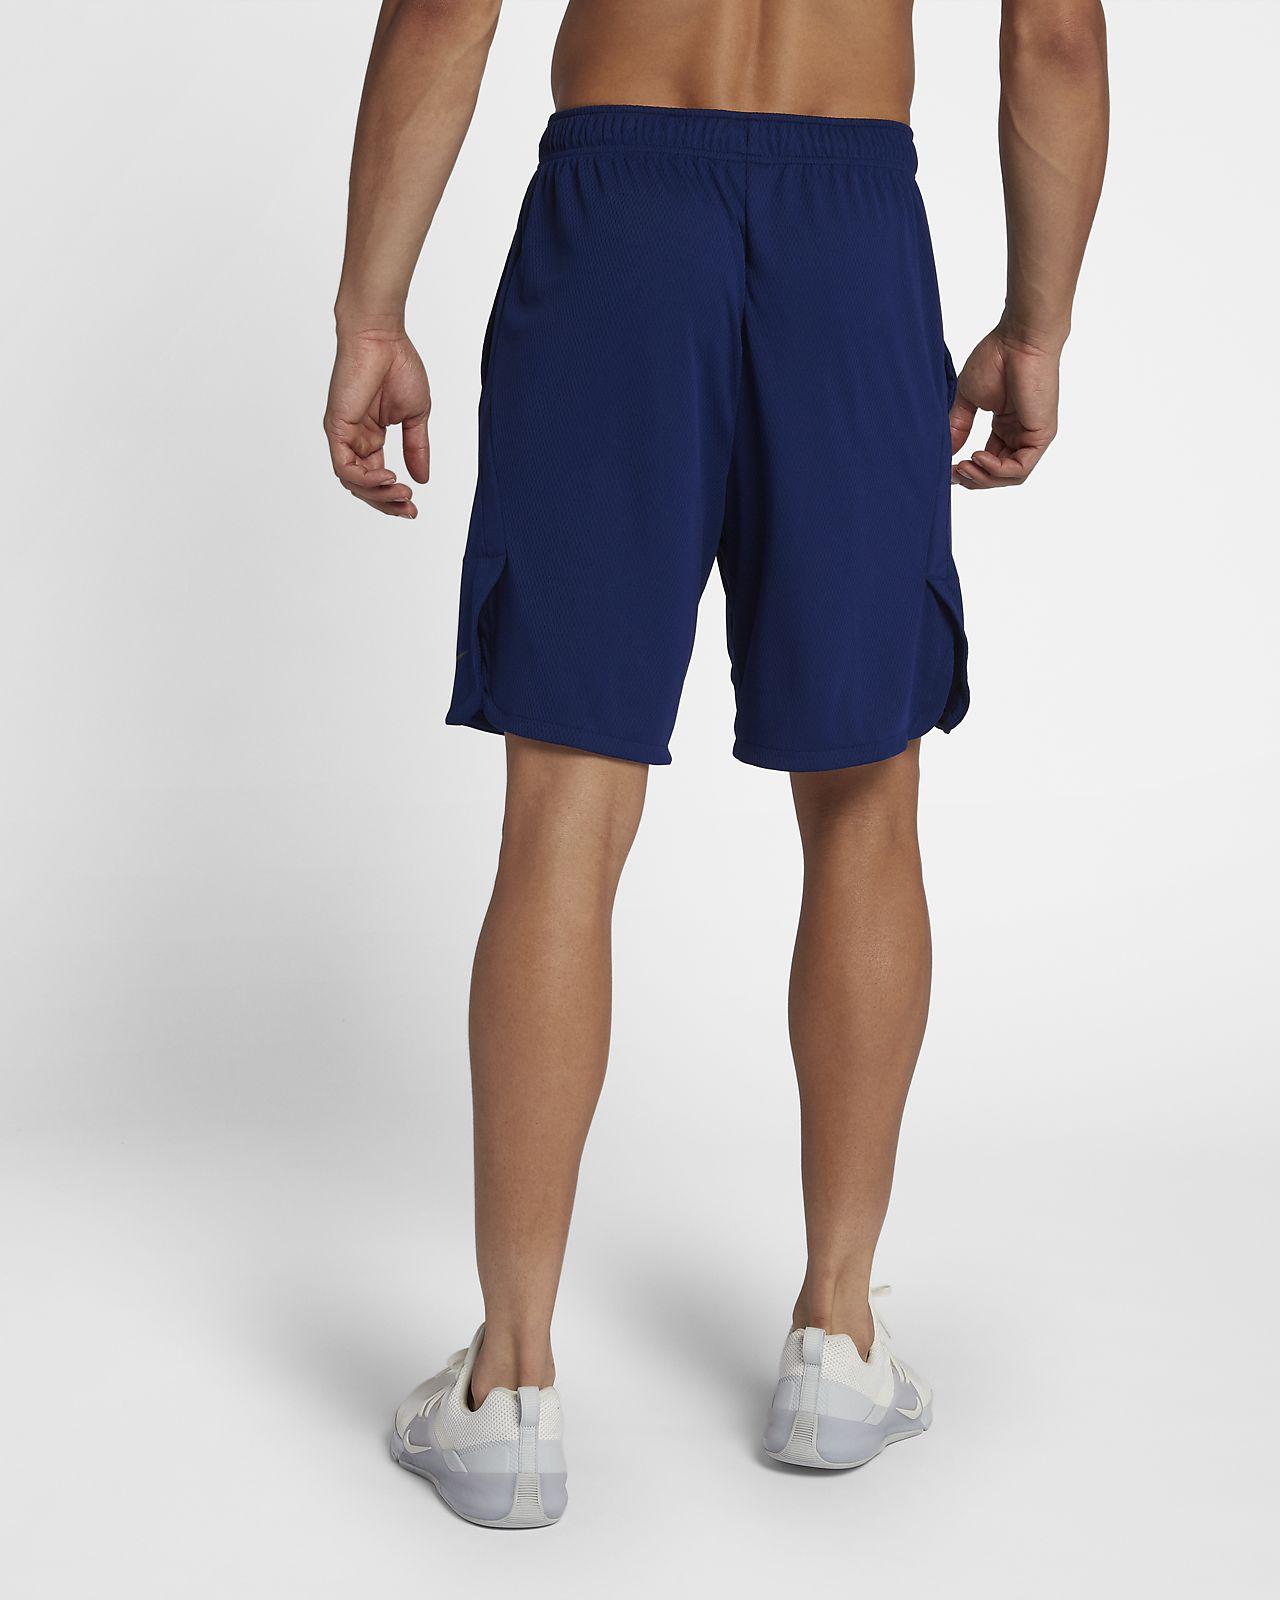 2d31b08d7037 nike dri fit men s woven 9 training shorts Nike Dri-FIT Men s ...